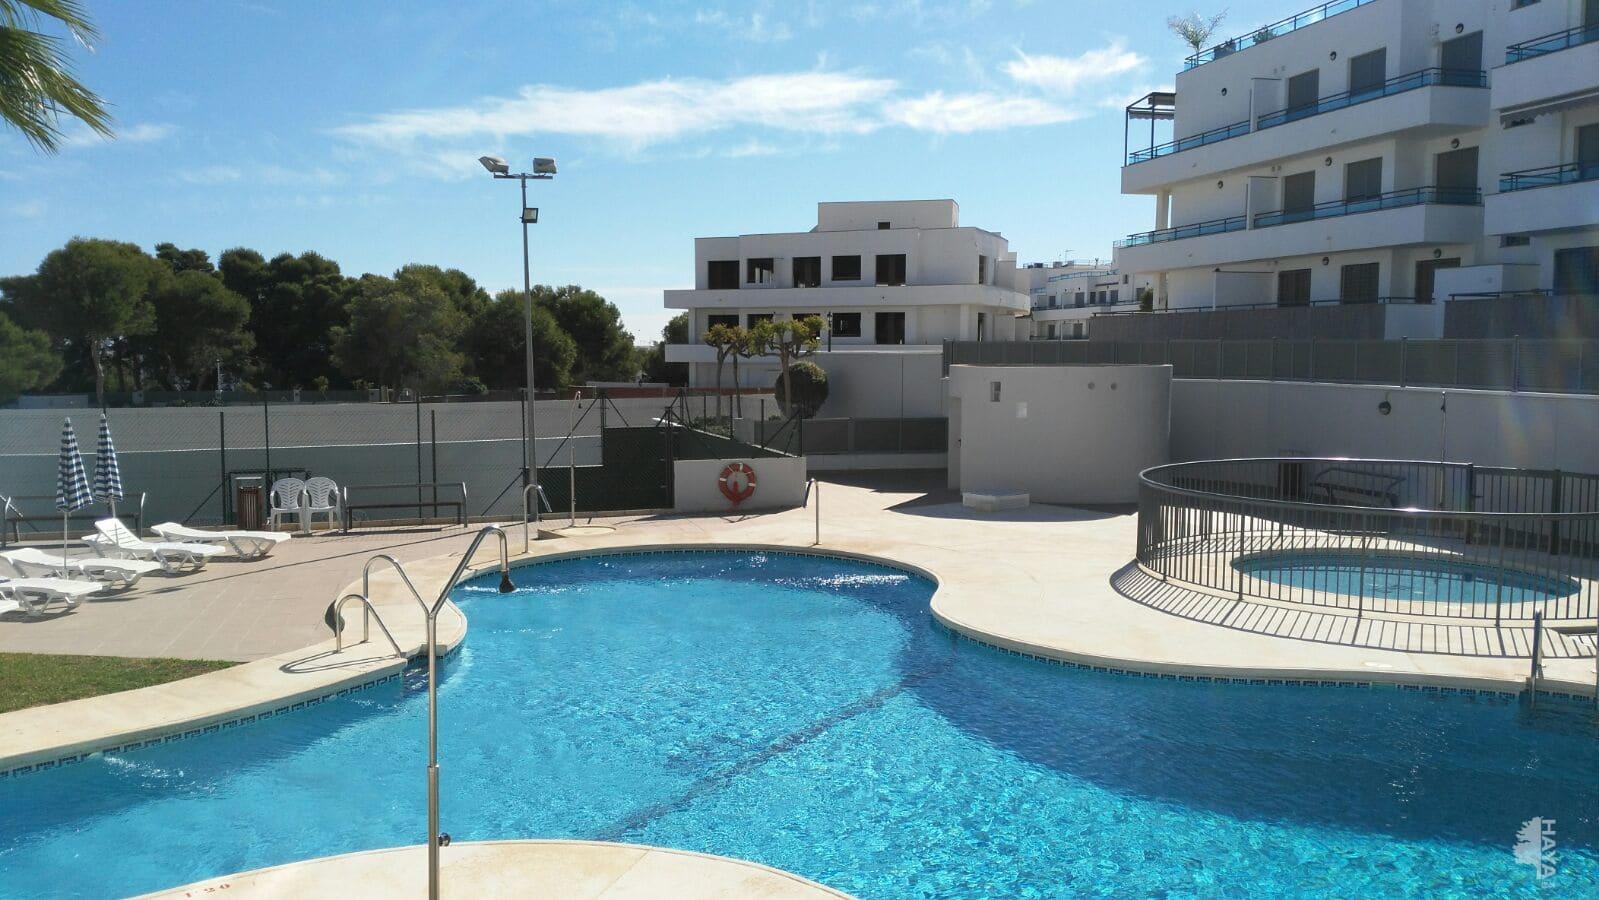 Piso en venta en Garrucha, Almería, Calle Murillo (pinar de Garrucha), B, 200.200 €, 2 habitaciones, 2 baños, 68 m2